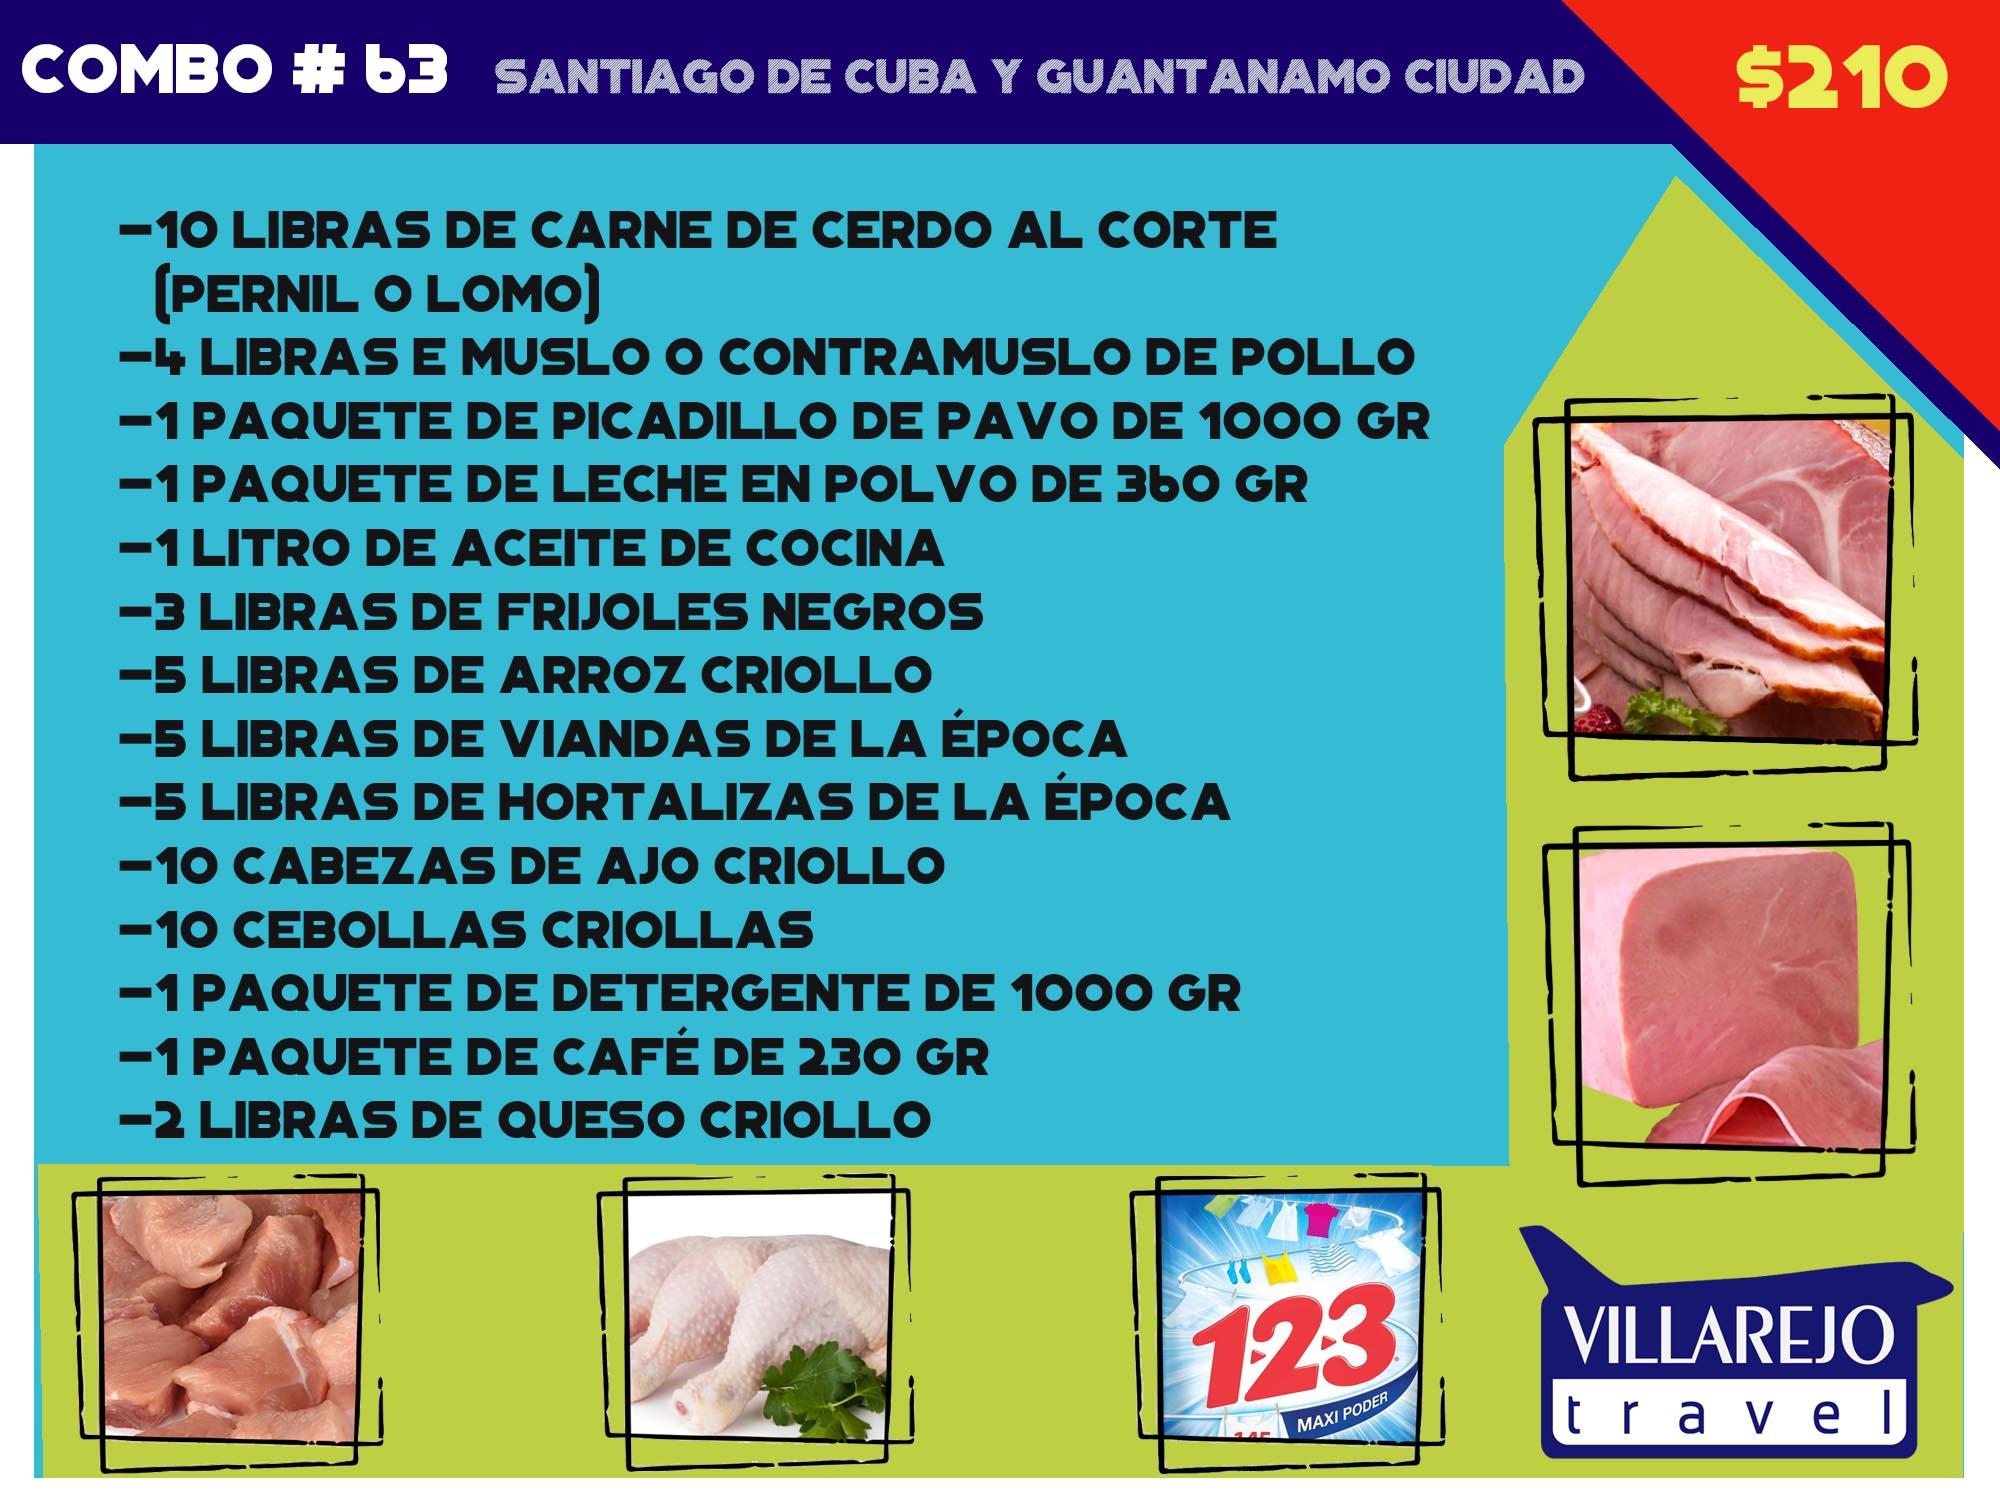 COMBO # 63 SANTIAGO DE CUBA Y CIUDAD GUANTANAMO